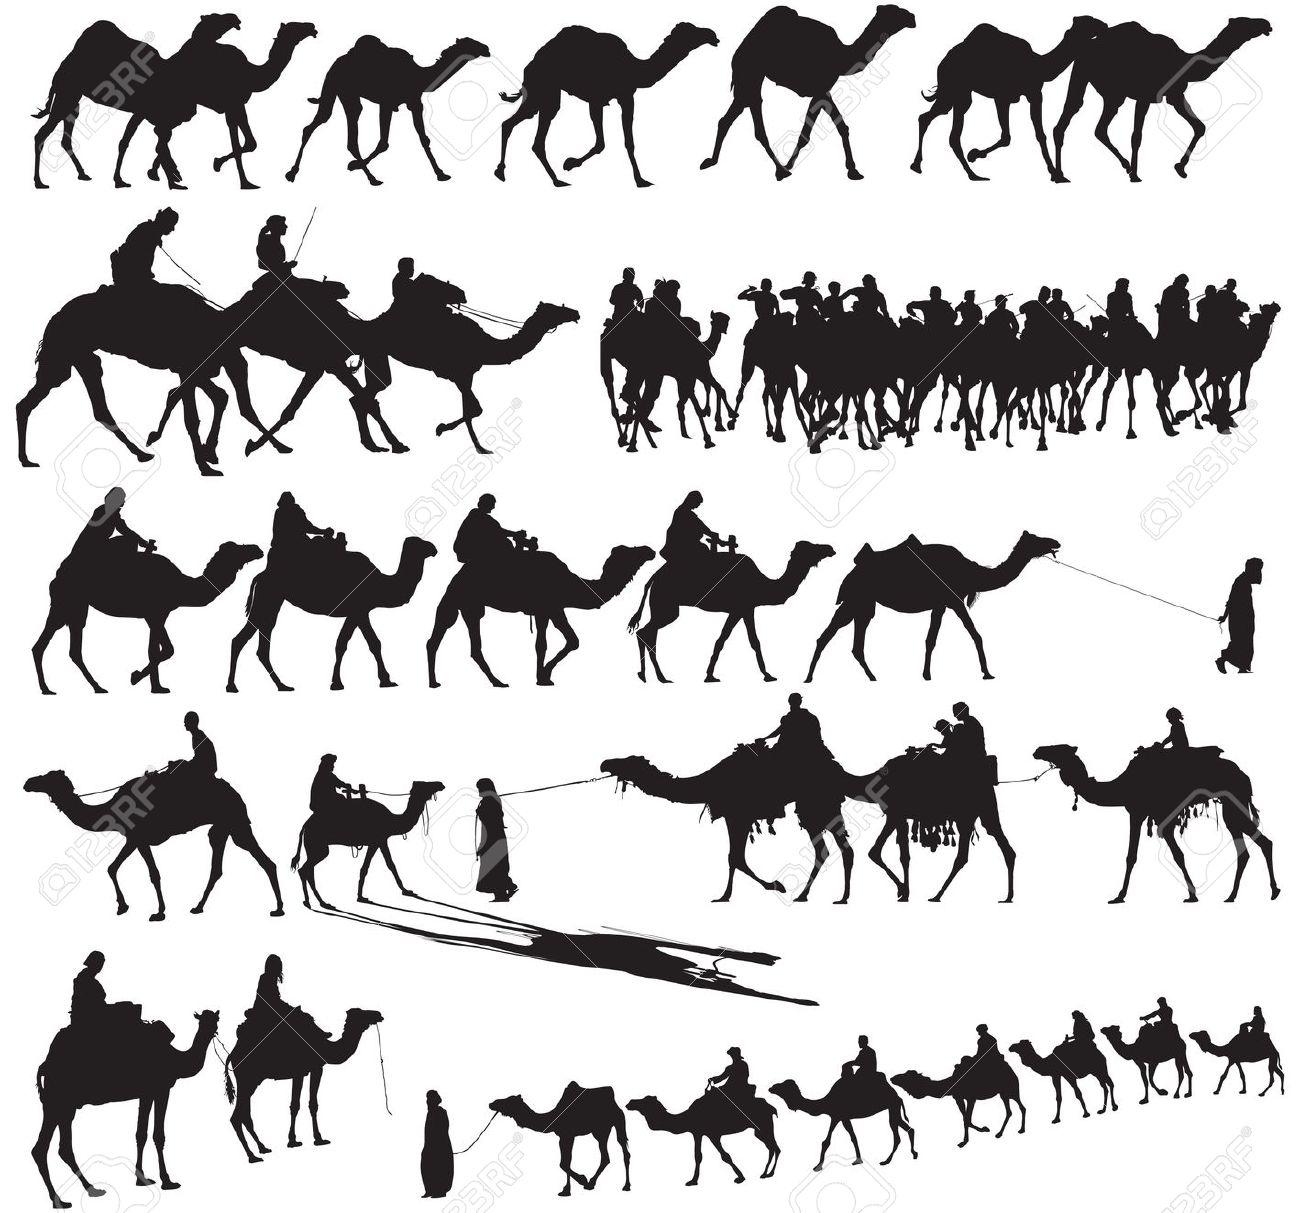 Camel Caravan clipart #2, Download drawings